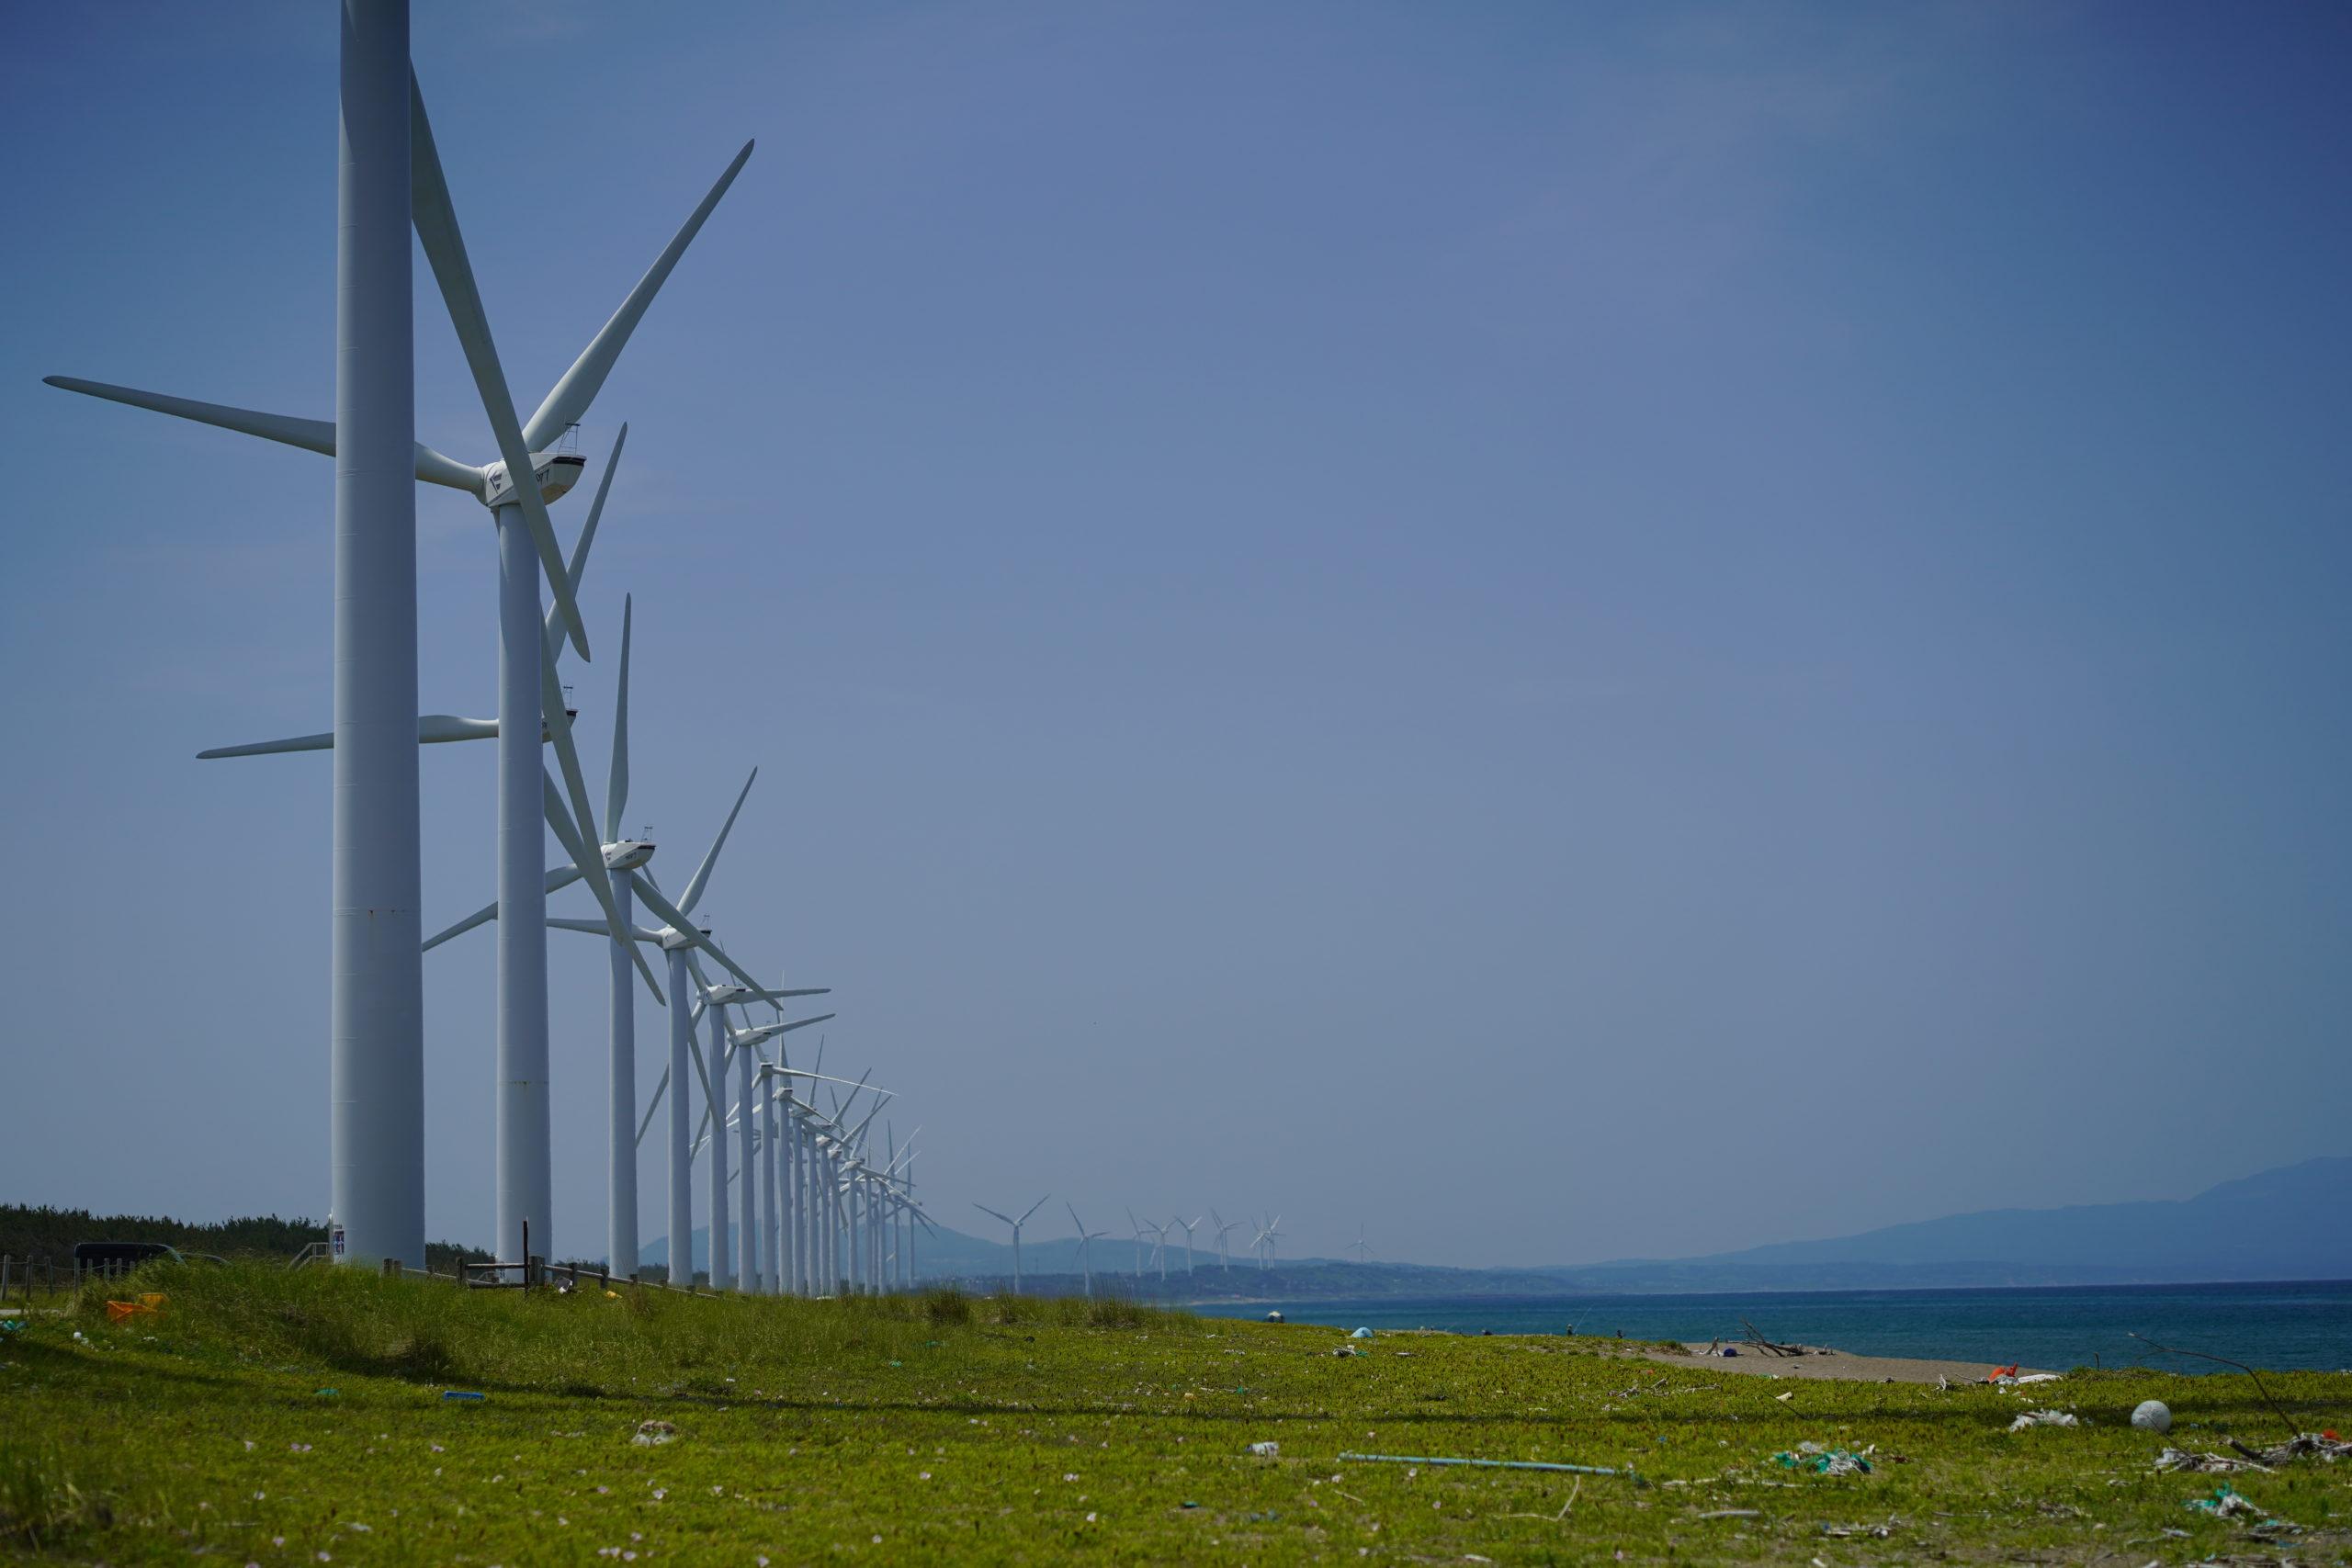 初夏の釜谷浜海岸と風車